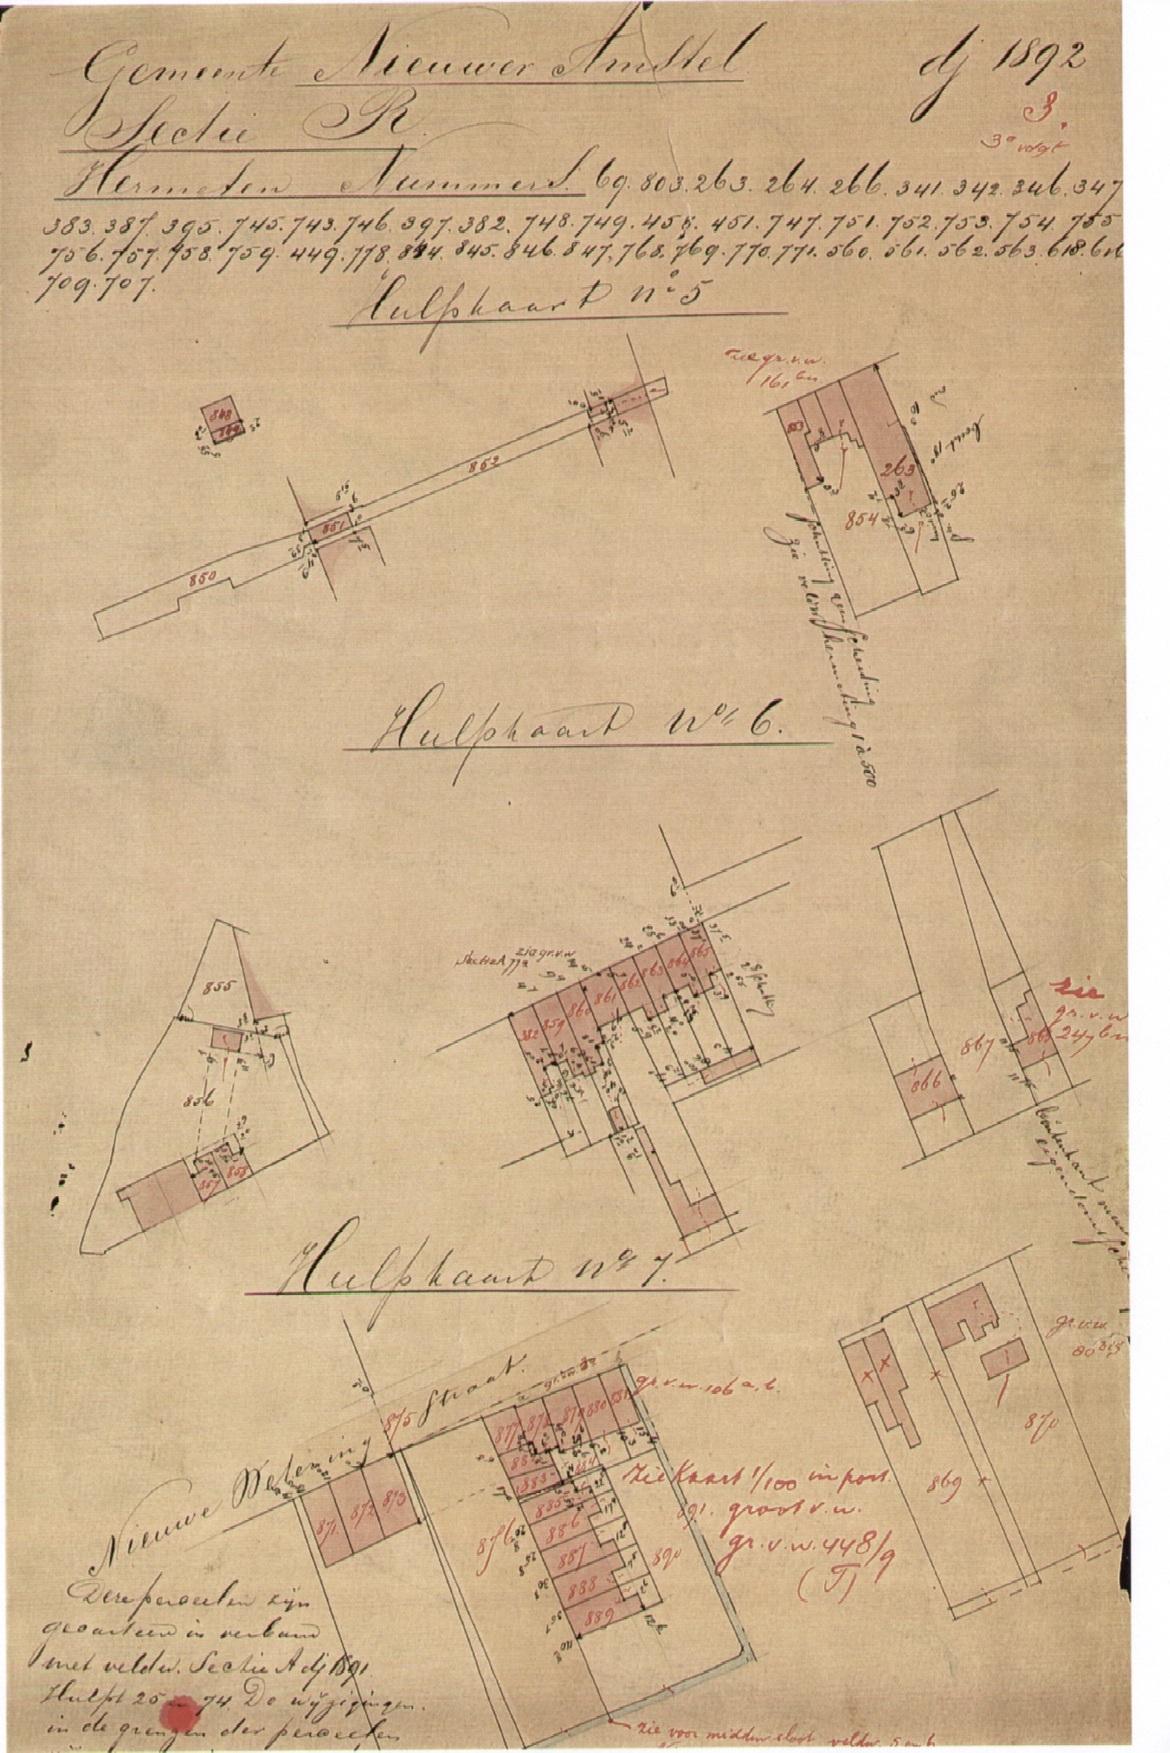 Hulpkaart no. 6 kadaster - Gemeente Nieuwer Amstel 1892 - met in het midden de hernummering van de percelen aan de Wenslauerstraat